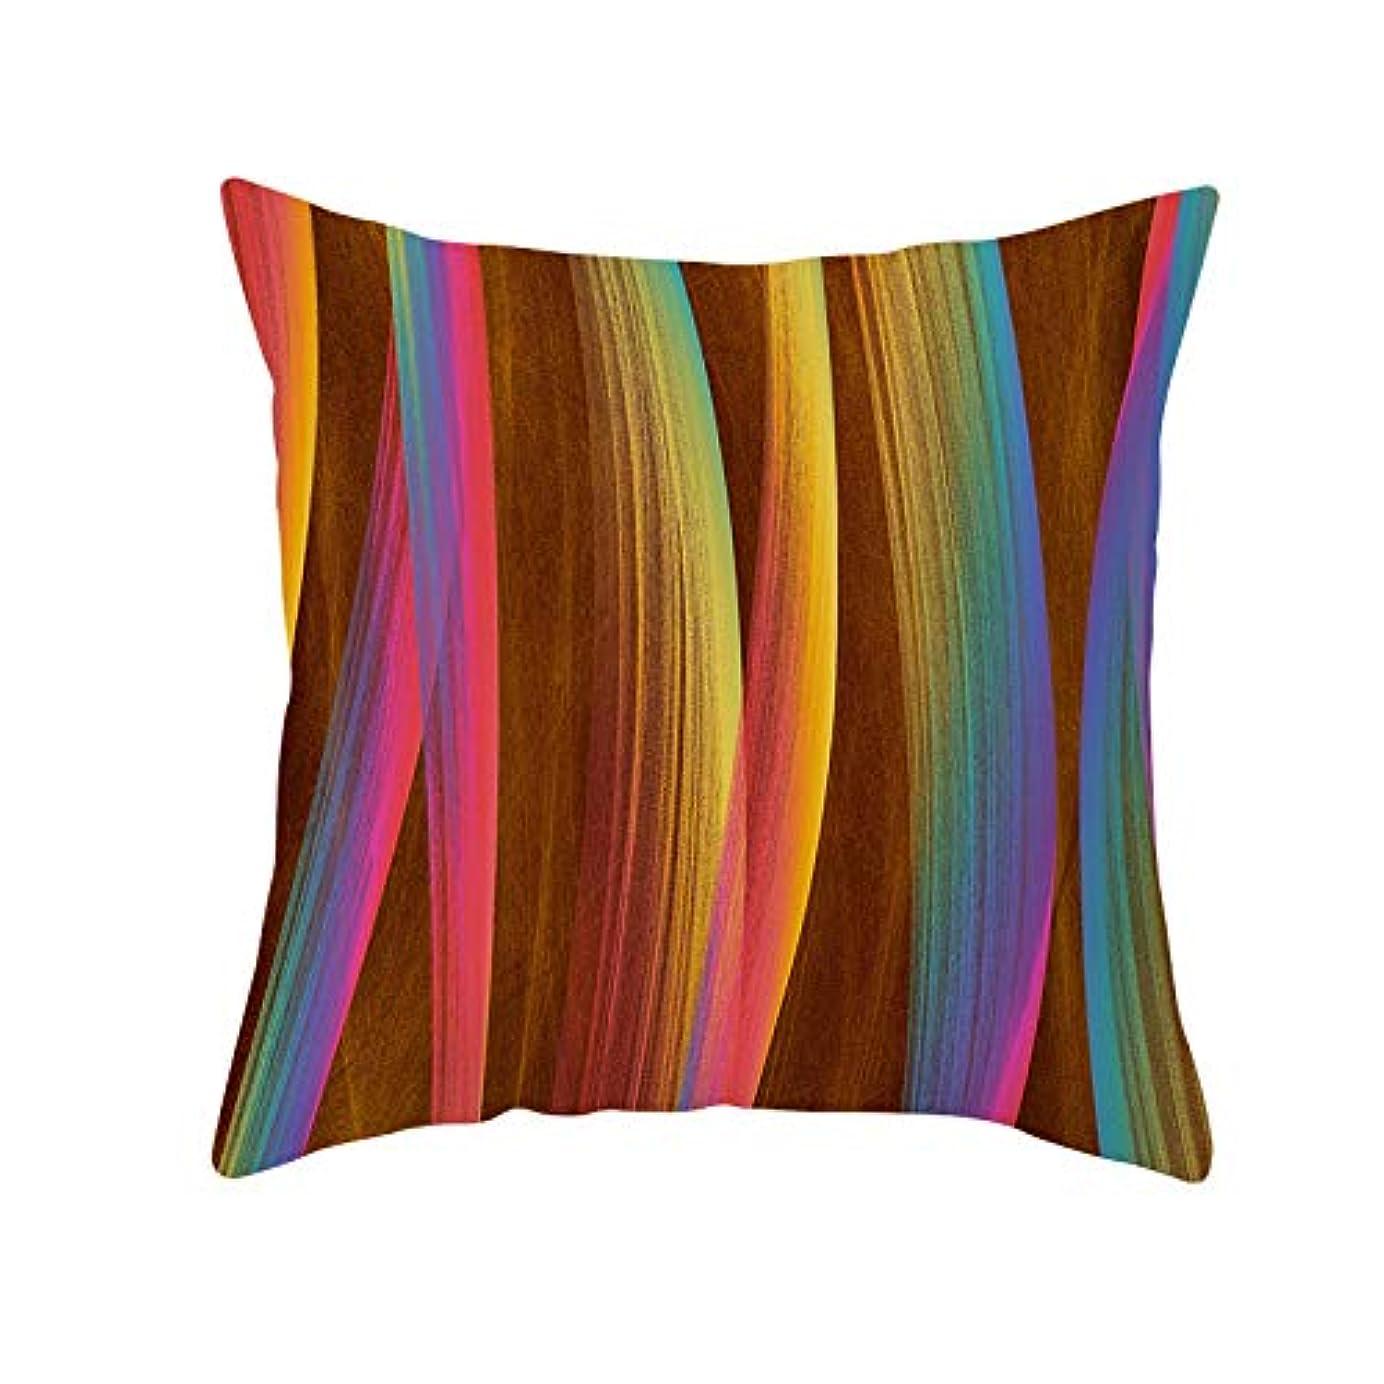 団結する個性アトラスLIFE 装飾クッションソファ 幾何学プリントポリエステル正方形の枕ソファスロークッション家の装飾 coussin デ長椅子 クッション 椅子